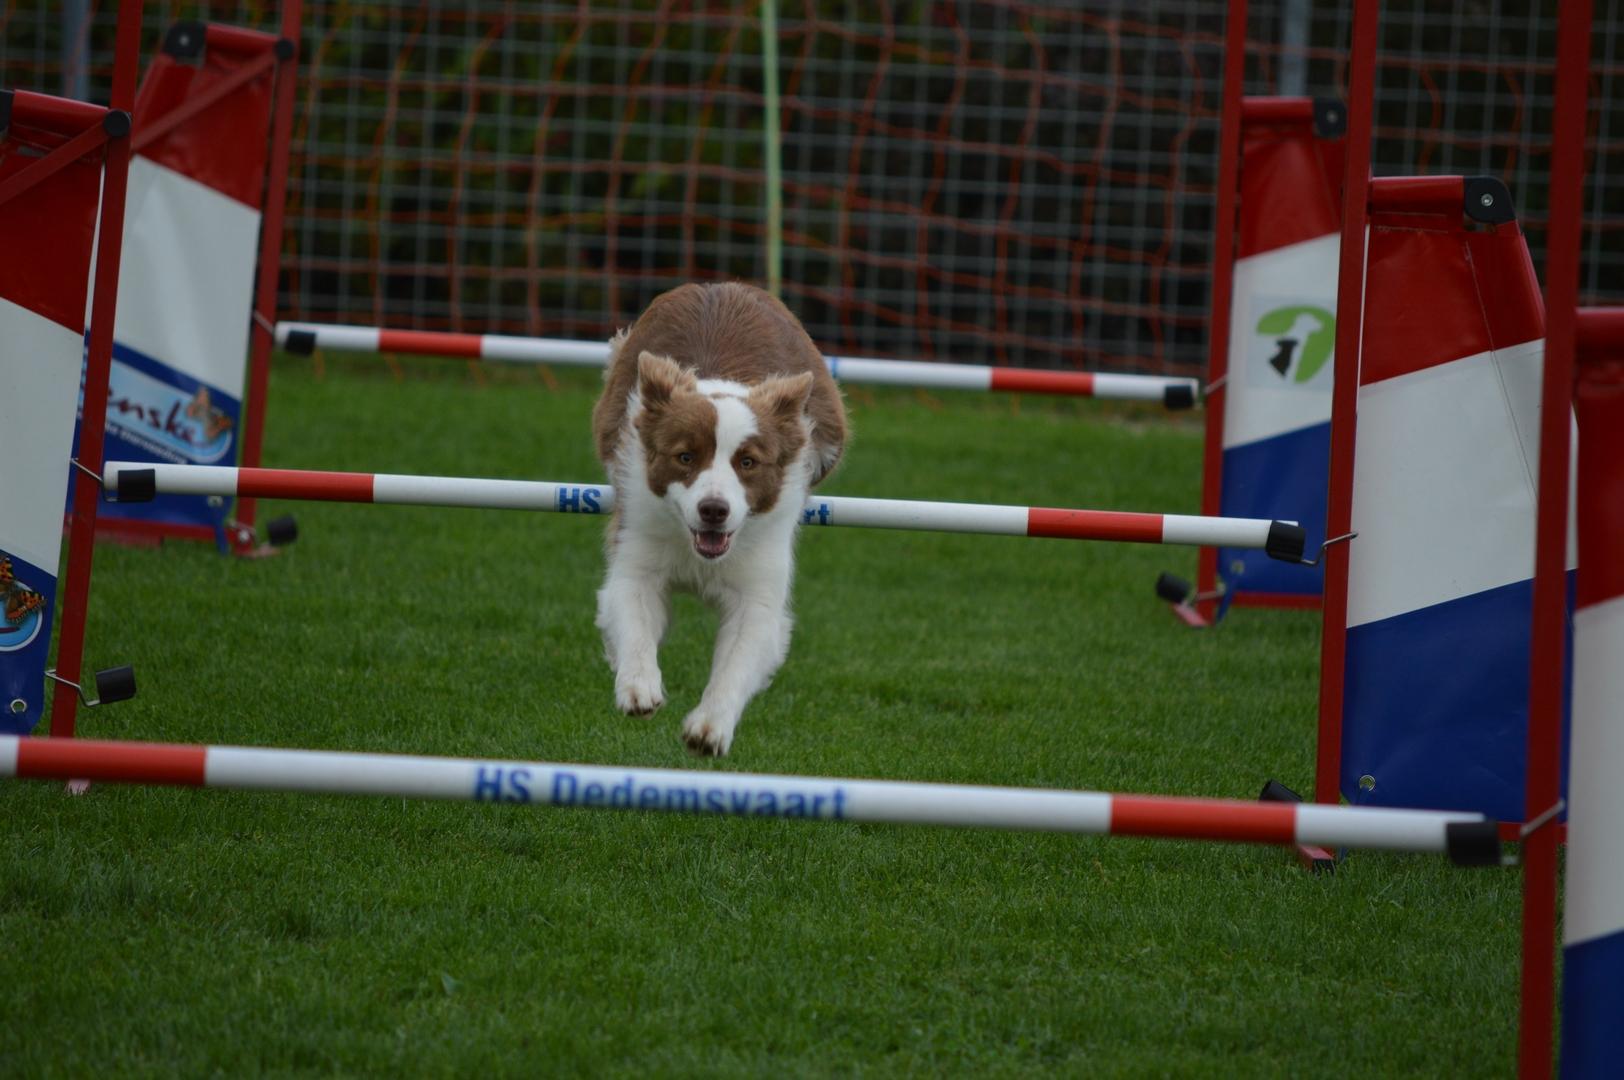 Behendigheid Hondenschool Dedemsvaart